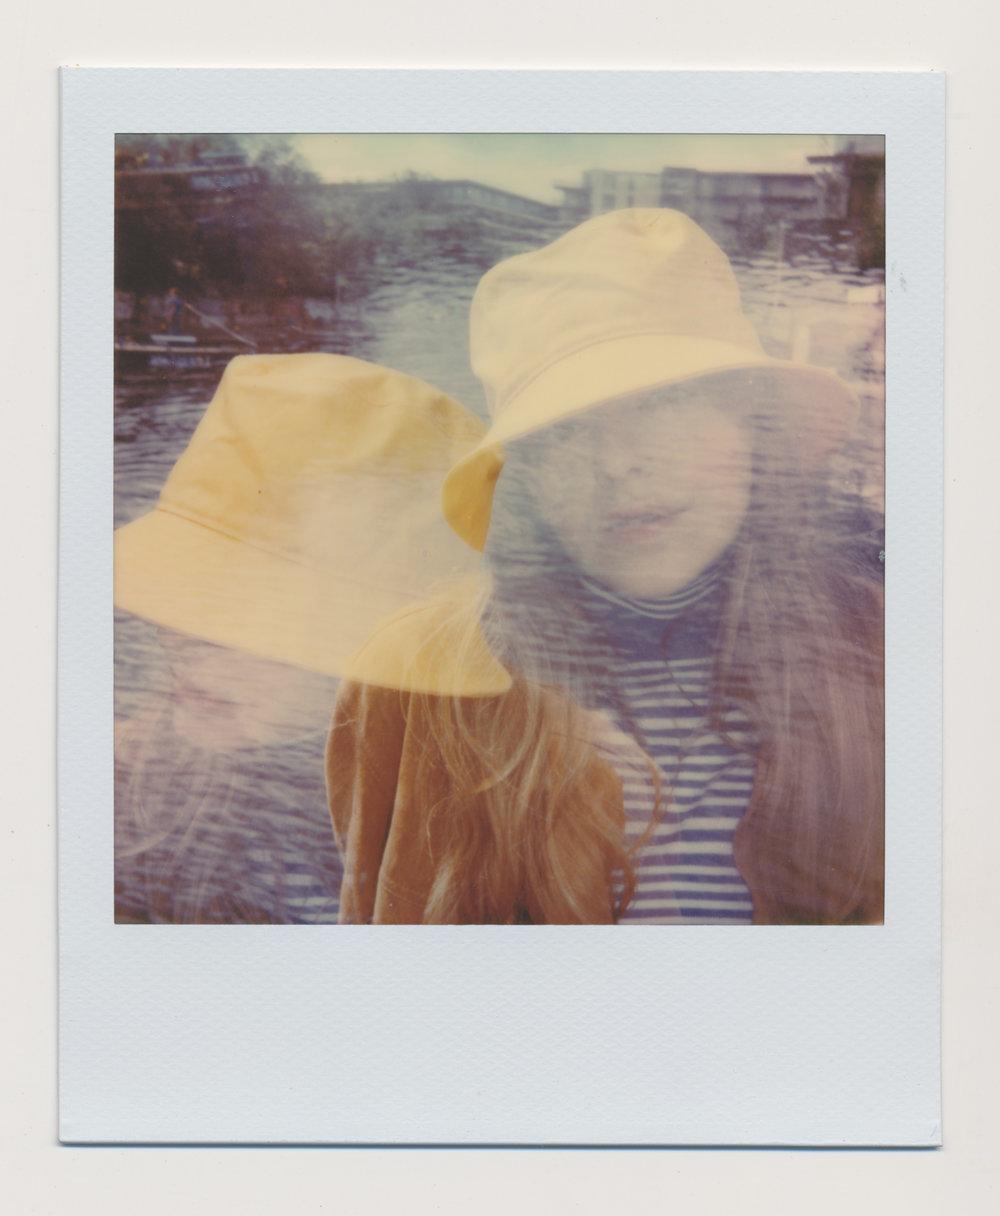 600_KatieSilvester_Polaroid_Anna_4.jpeg